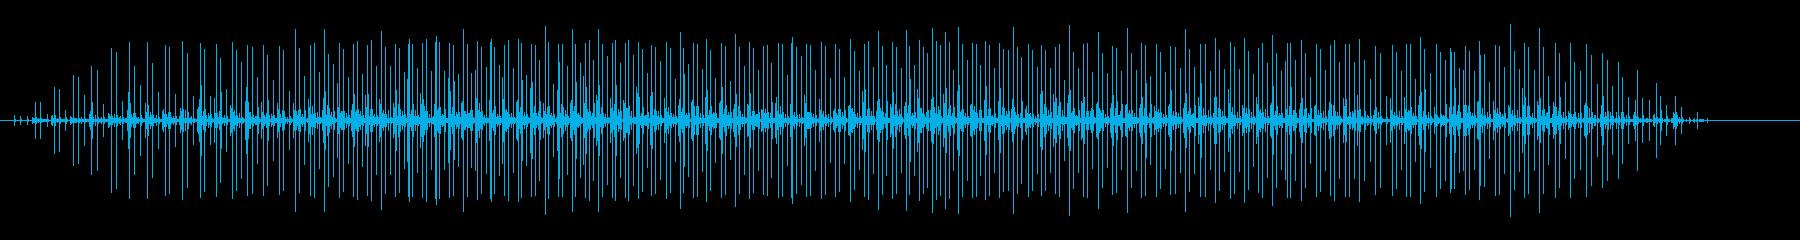 スピードバッグ:一定のパンチング、...の再生済みの波形